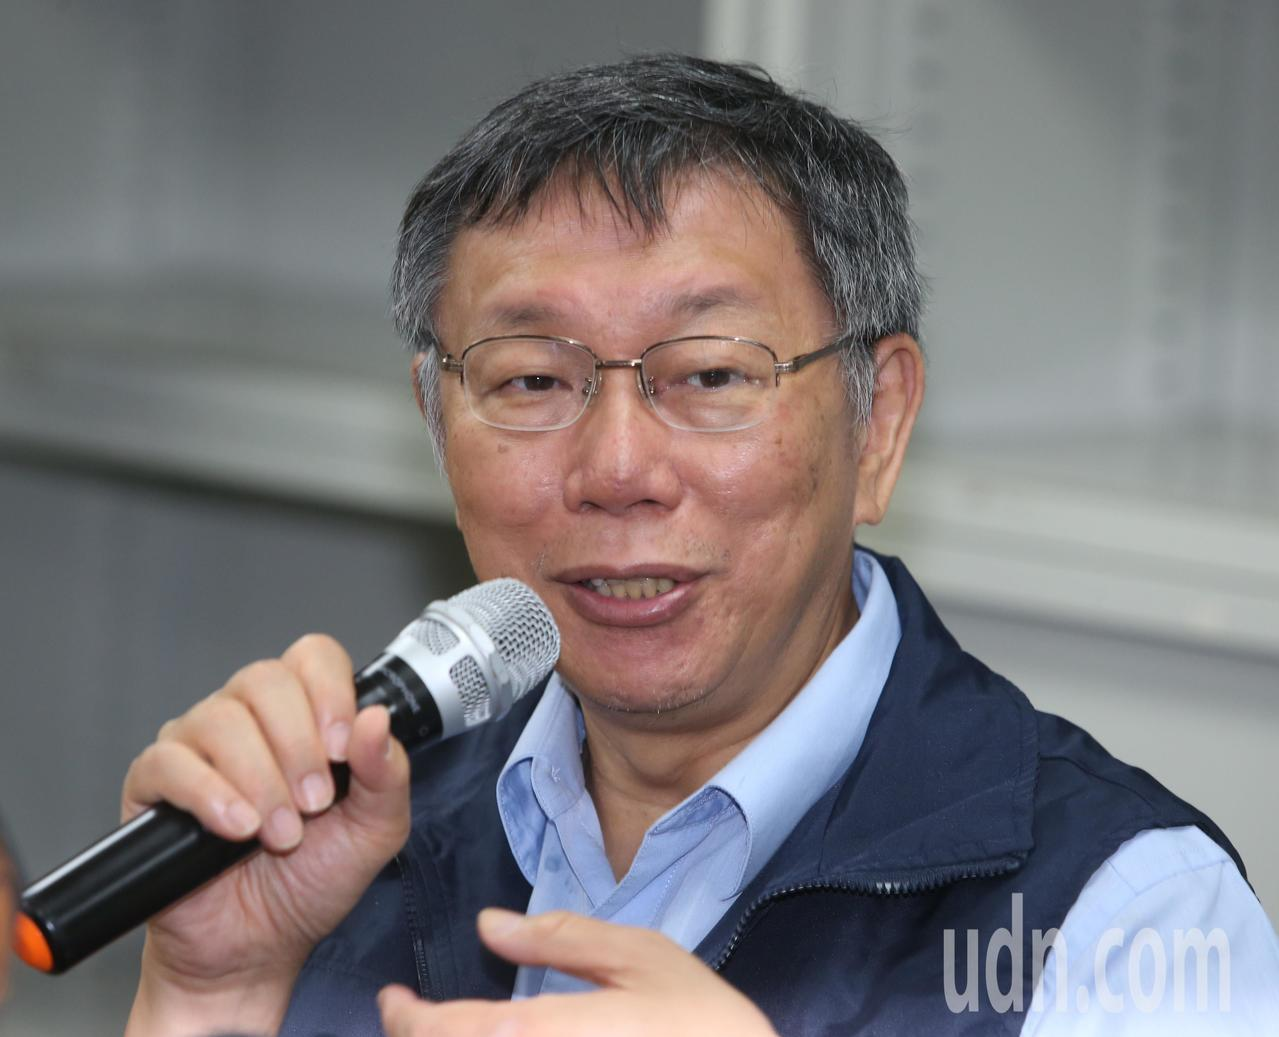 台北市長柯文哲表示「颱風假多放了,沒辦法」。記者曾吉松/攝影